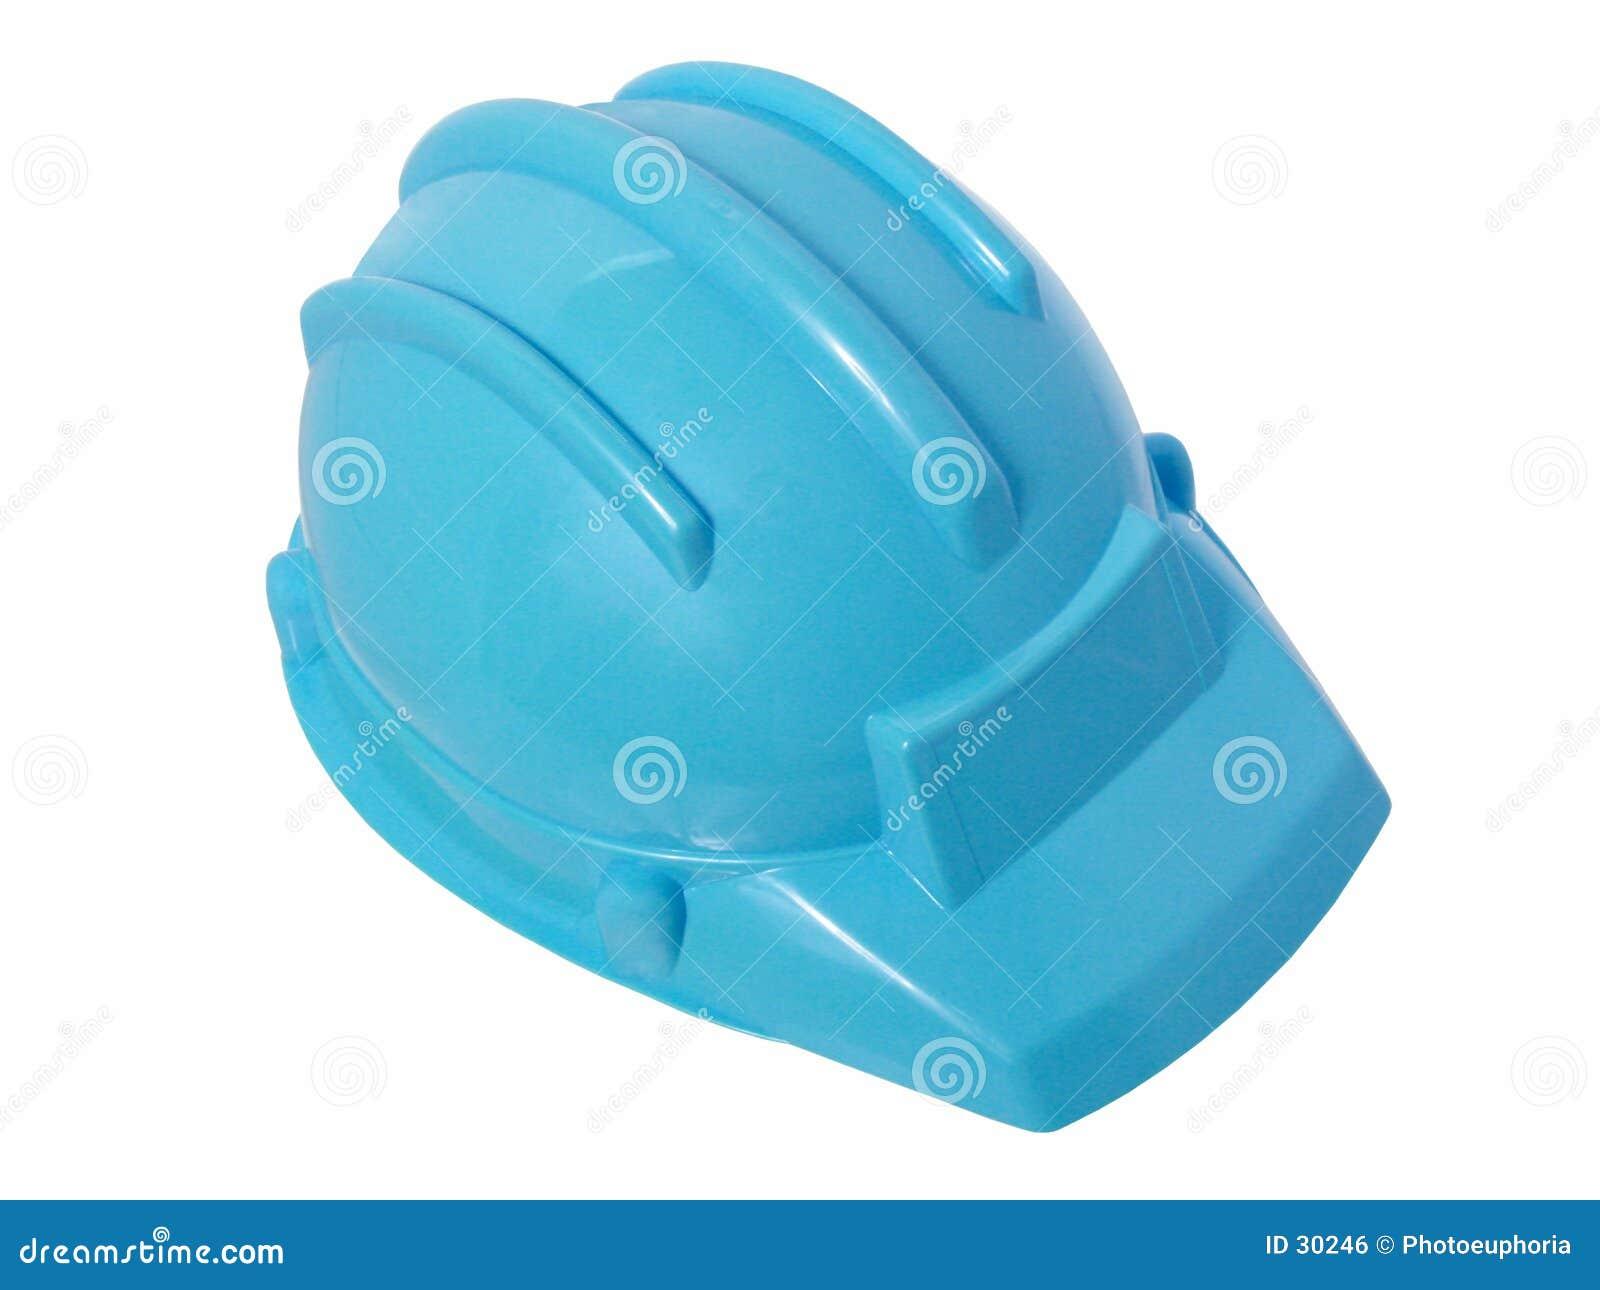 Jouets : Casque en plastique bleu lumineux de construction